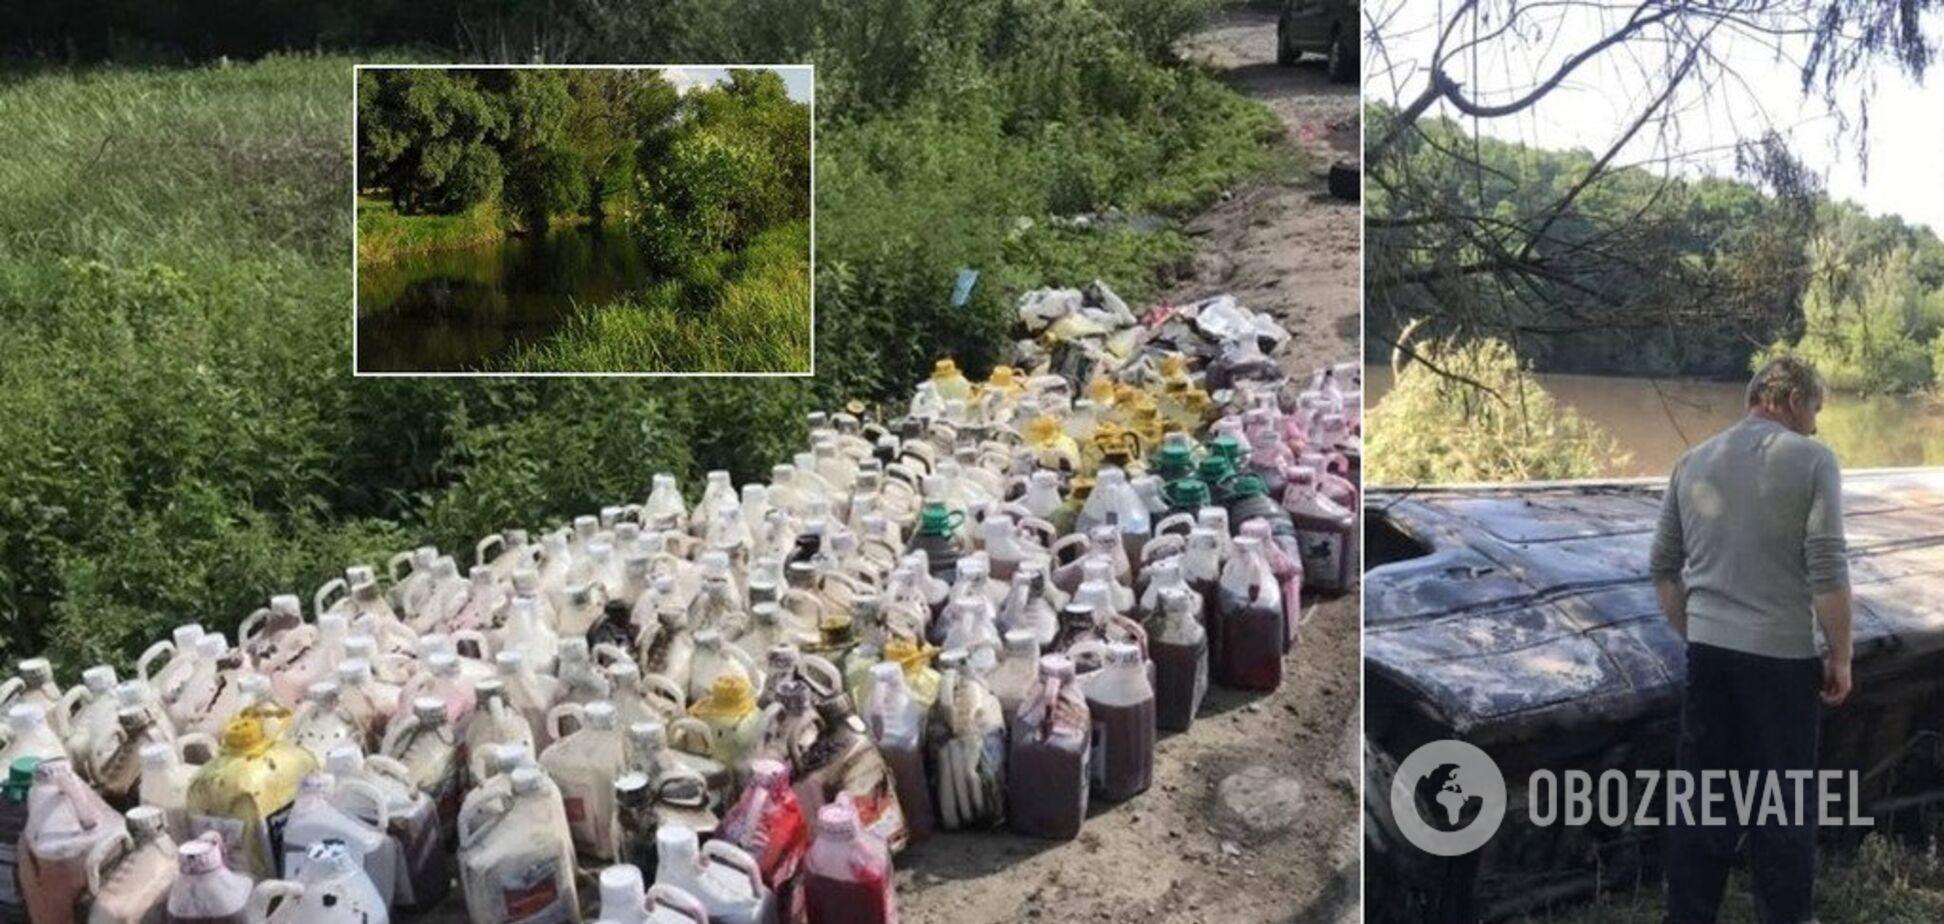 Воды хватит на сутки: выяснились детали аварии с химикатами под Киевом